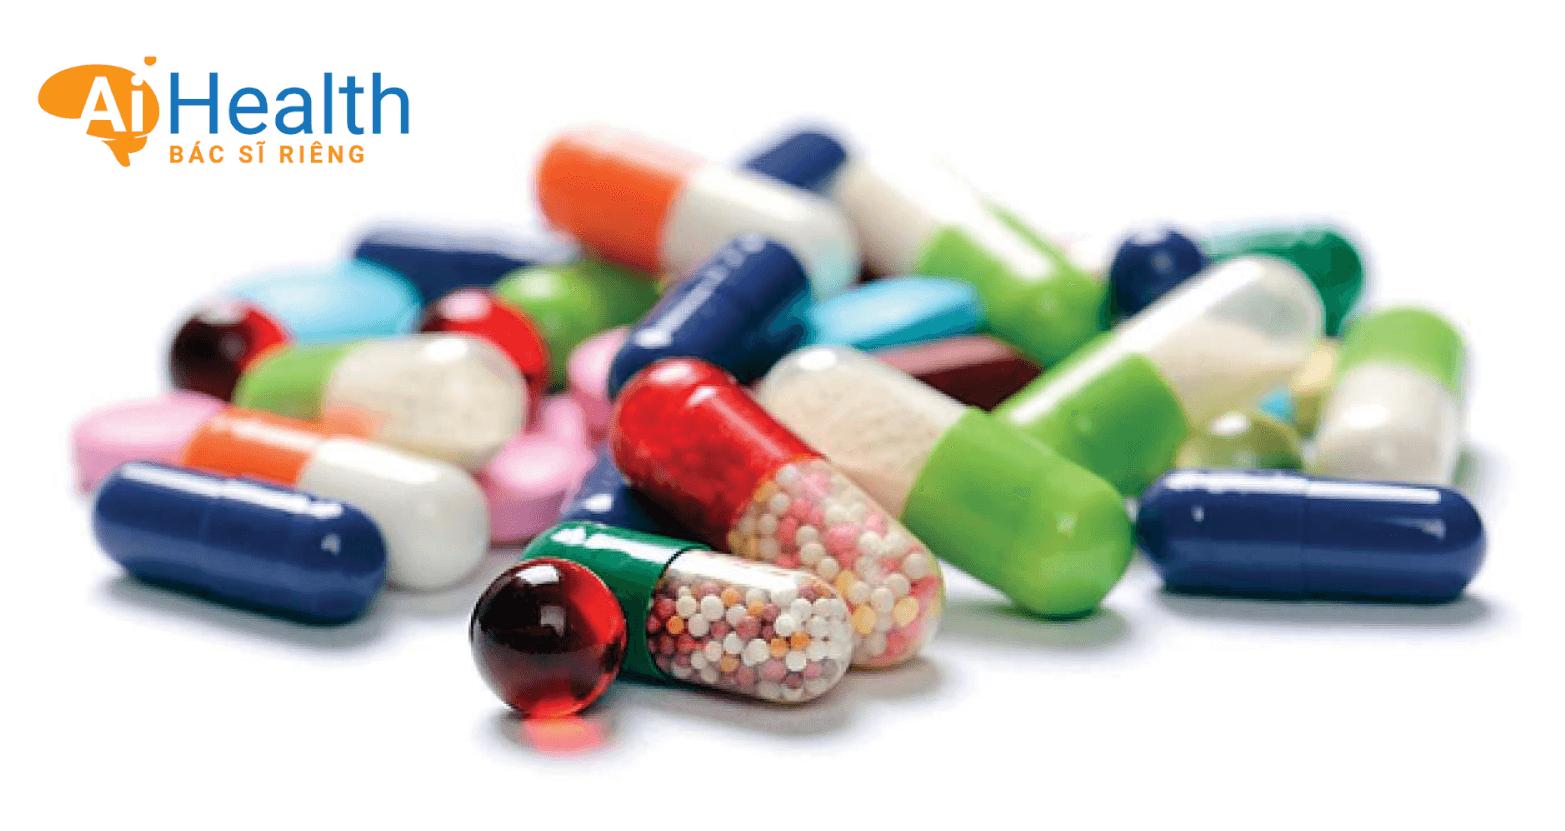 Nhà thuốc online mang lại tiện ích cho người bệnh